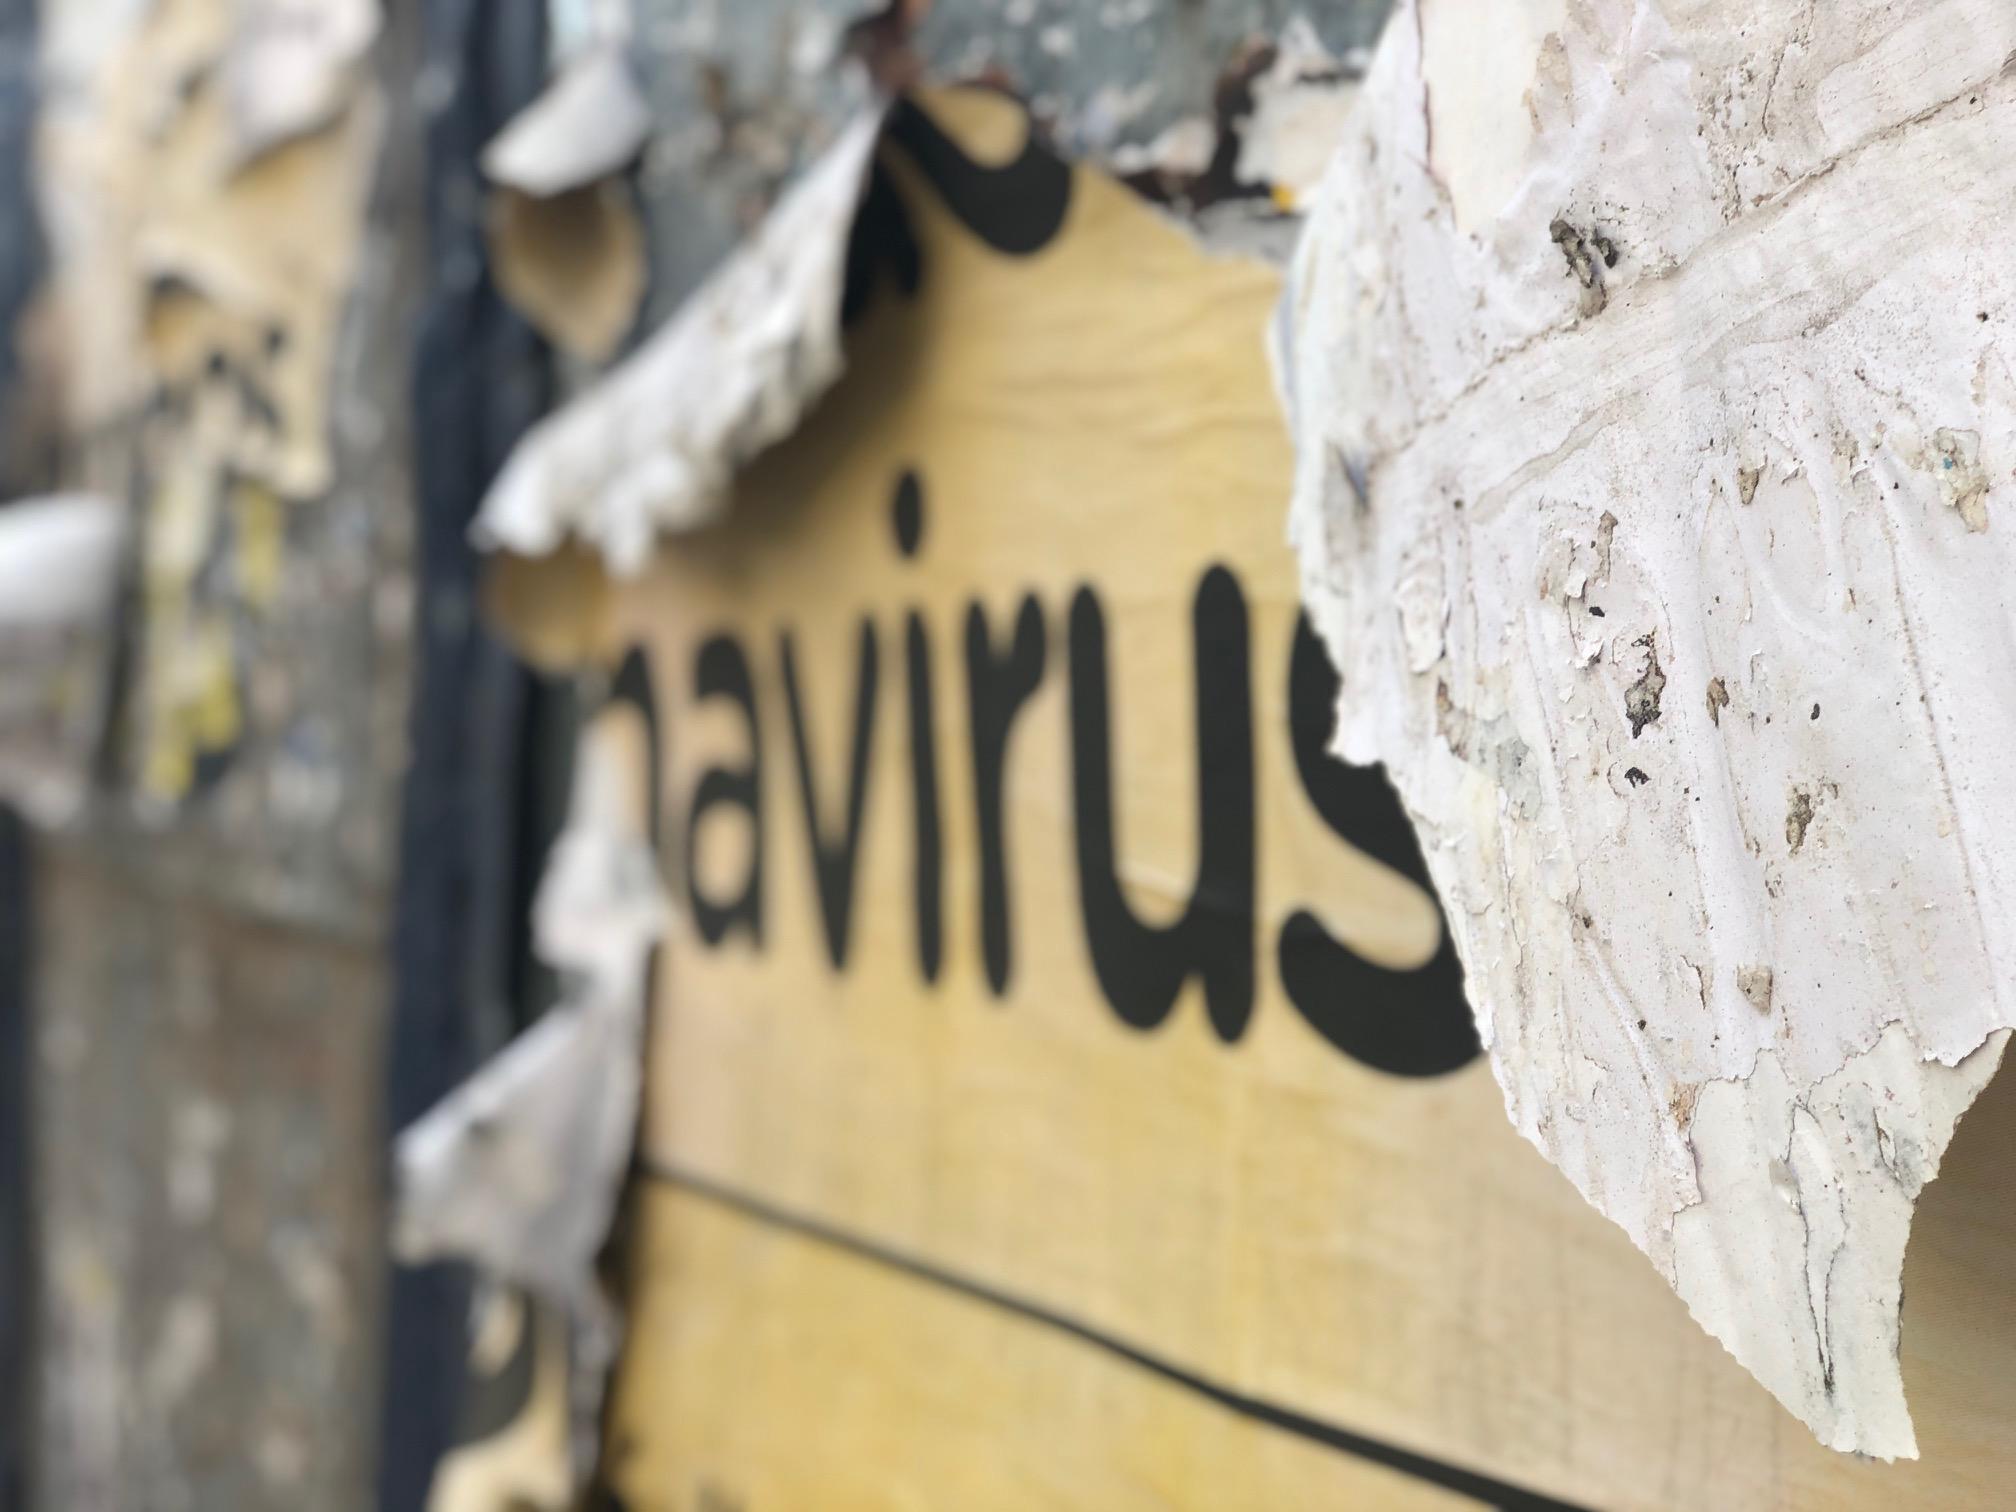 Cartel Coronavirus COVID-19 Buenos Aires